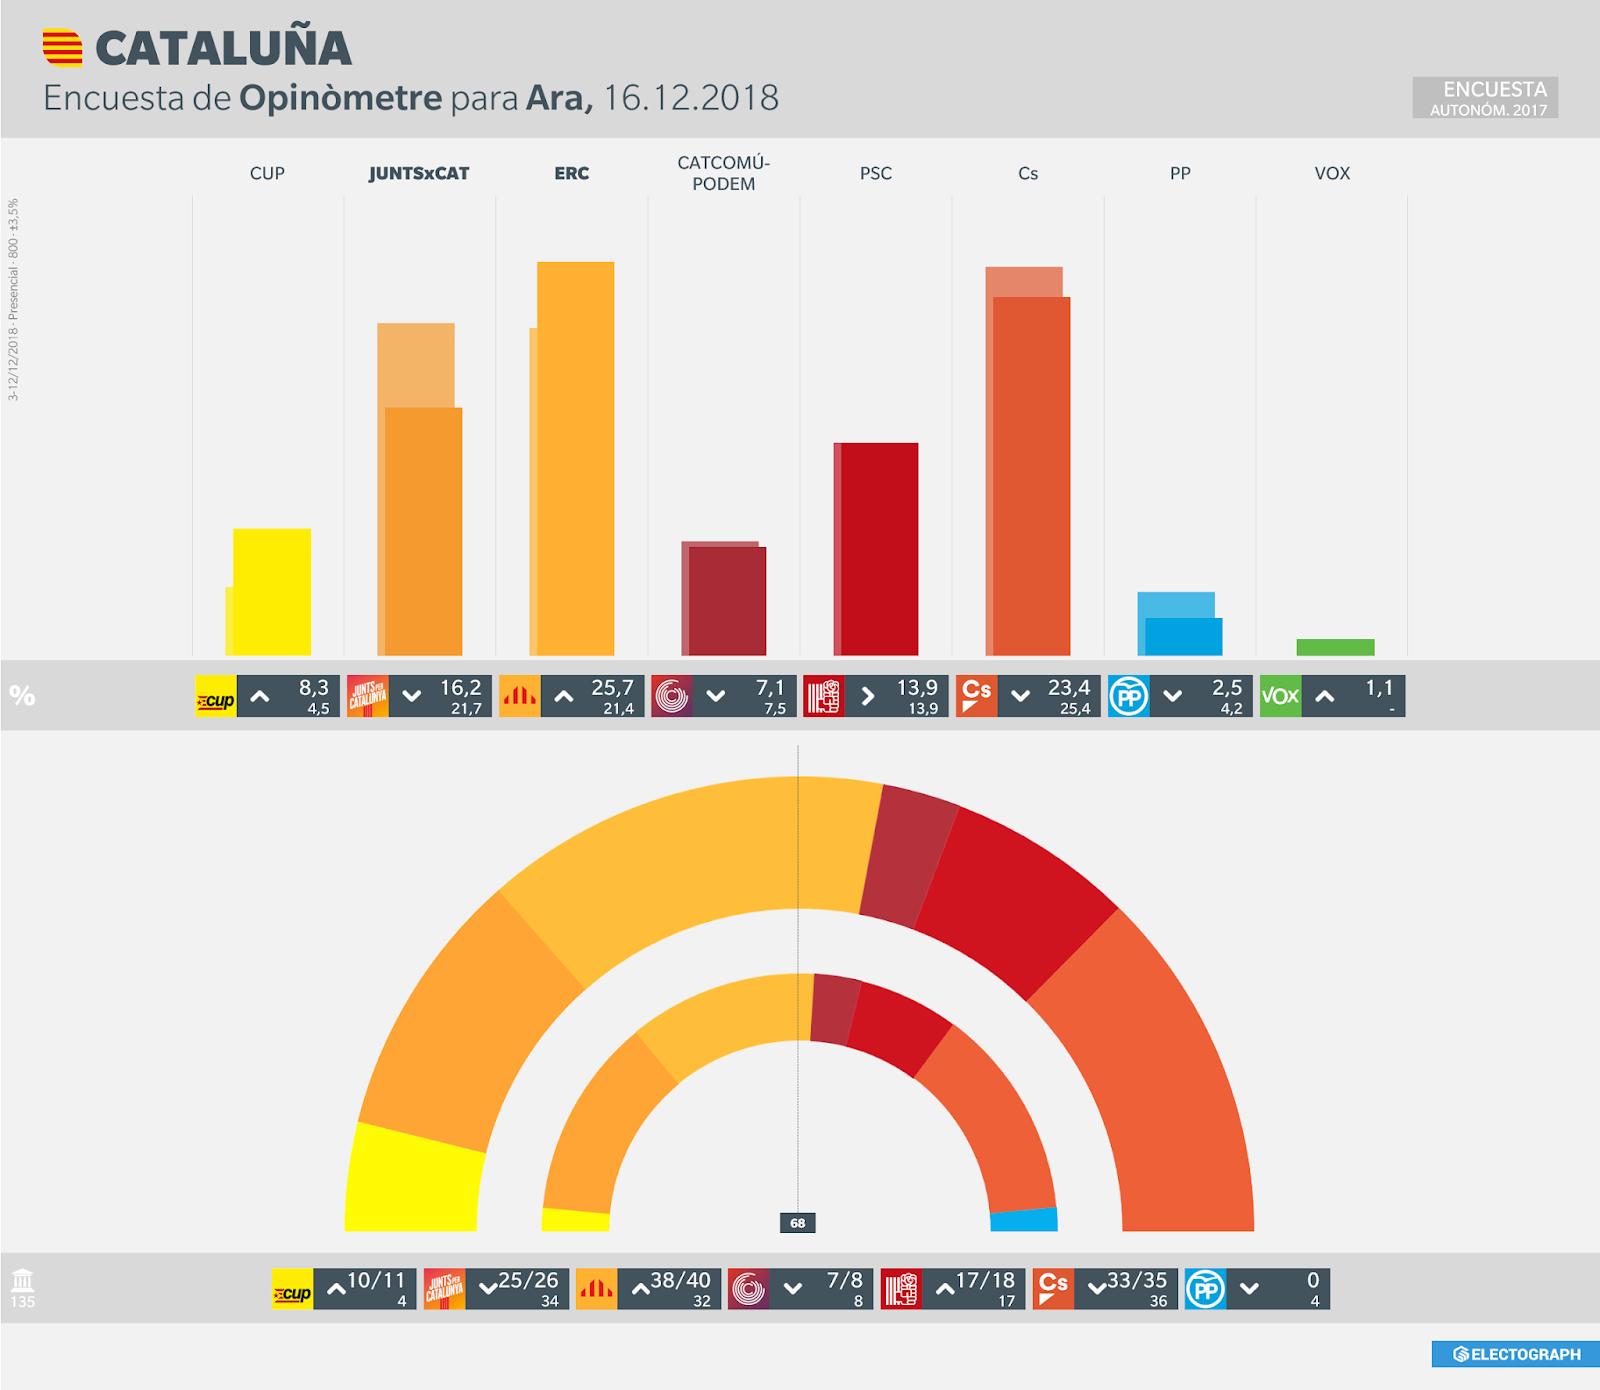 Gráfico de la encuesta para elecciones autonómicas en Cataluña realizada por Opinòmetre para Ara, 16 de diciembre de 2018